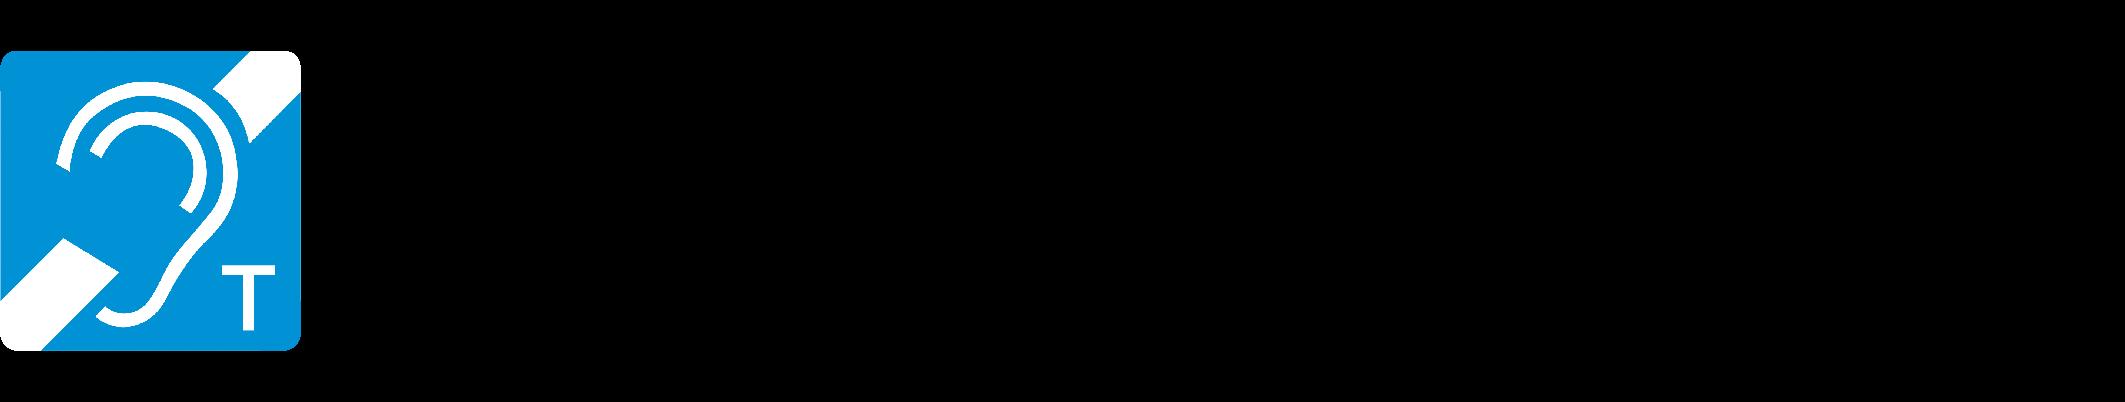 Höranlagenverzeichnis Bayern